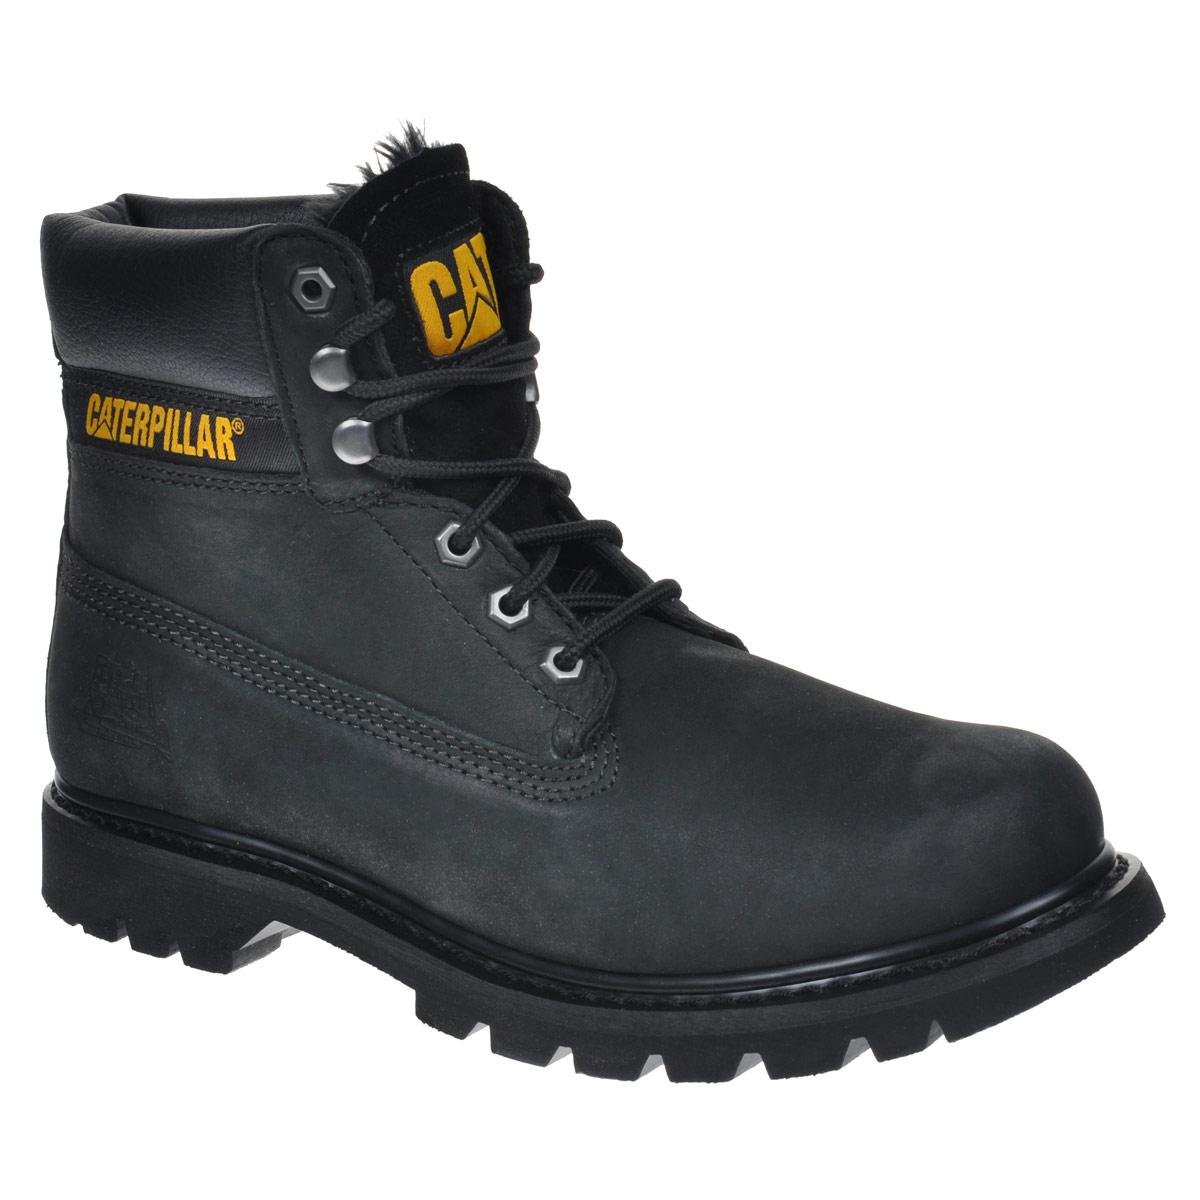 Ботинки мужские Caterpillar Colorado Fur, цвет: черный. P718140. Размер 9,5 (42,5)P718140Стильные мужские ботинки Colorado Fur от Caterpillar надежно защитят вас от холода. Верх выполнен из натуральной кожи со вставками из полиуретана. Подкладка изготовлена из мягкого искусственного меха, позволяющего сохранять ваши ноги в тепле. Шнуровка надежно фиксирует модель на ноге. Оформлено изделие по бокам и на язычке нашивками с названием и логотипом бренда, а сбоку на пятке - тиснением в виде бульдозера. Стельки из пластика EVA обеспечивают комфортное положение стопы и амортизацию. Резиновая подошва с крупным протектором обеспечивает хорошее сцепление с поверхностью.Такие ботинки отлично подойдут для каждодневного использования и подчеркнут ваш стиль и индивидуальность.